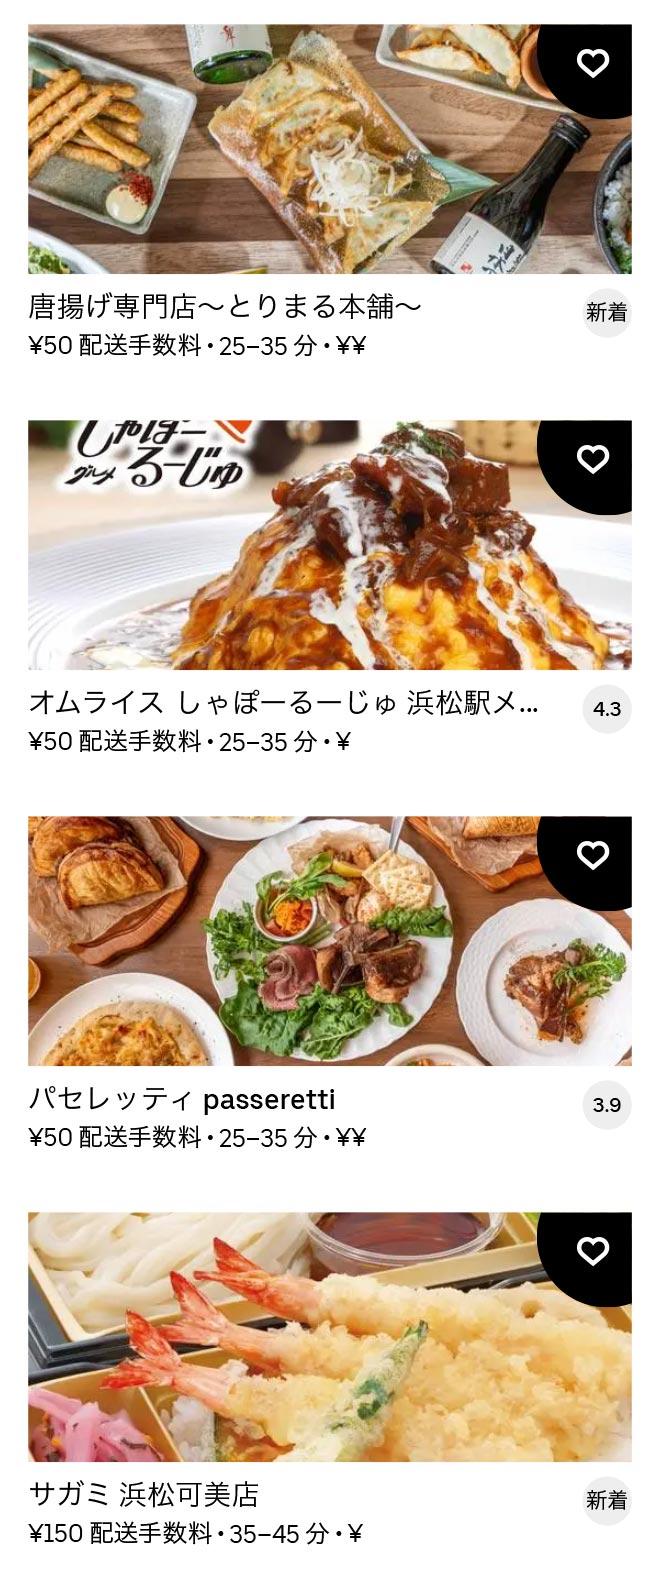 Hamamatsu menu 2011 11